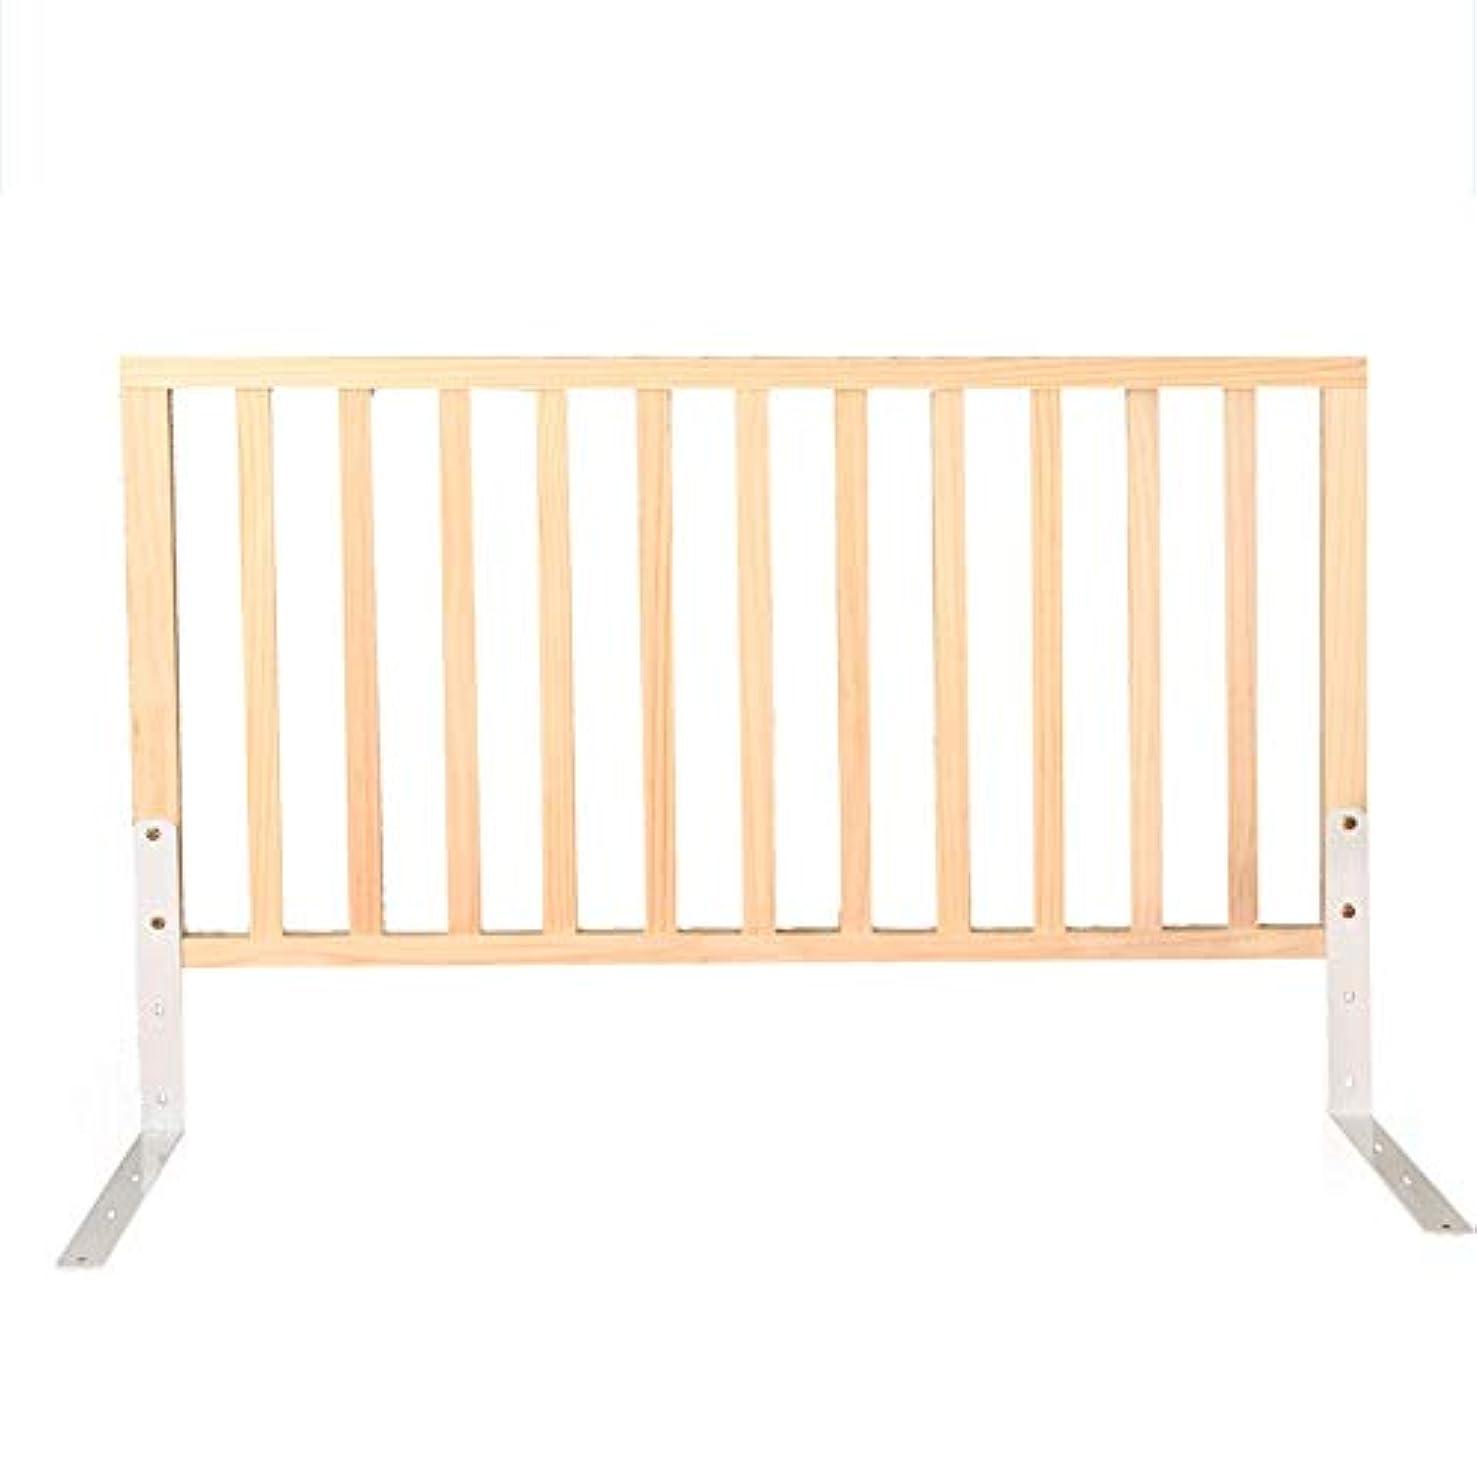 浸食鉛国Xyanzi-ガードレールフェンス 幼児のガードレール、純木のベッドの柵の監視高さ調節可能なスラット及びBoxspringのための普遍的な適合(サイズ:150cm) (色 : A, サイズ さいず : 120cm)